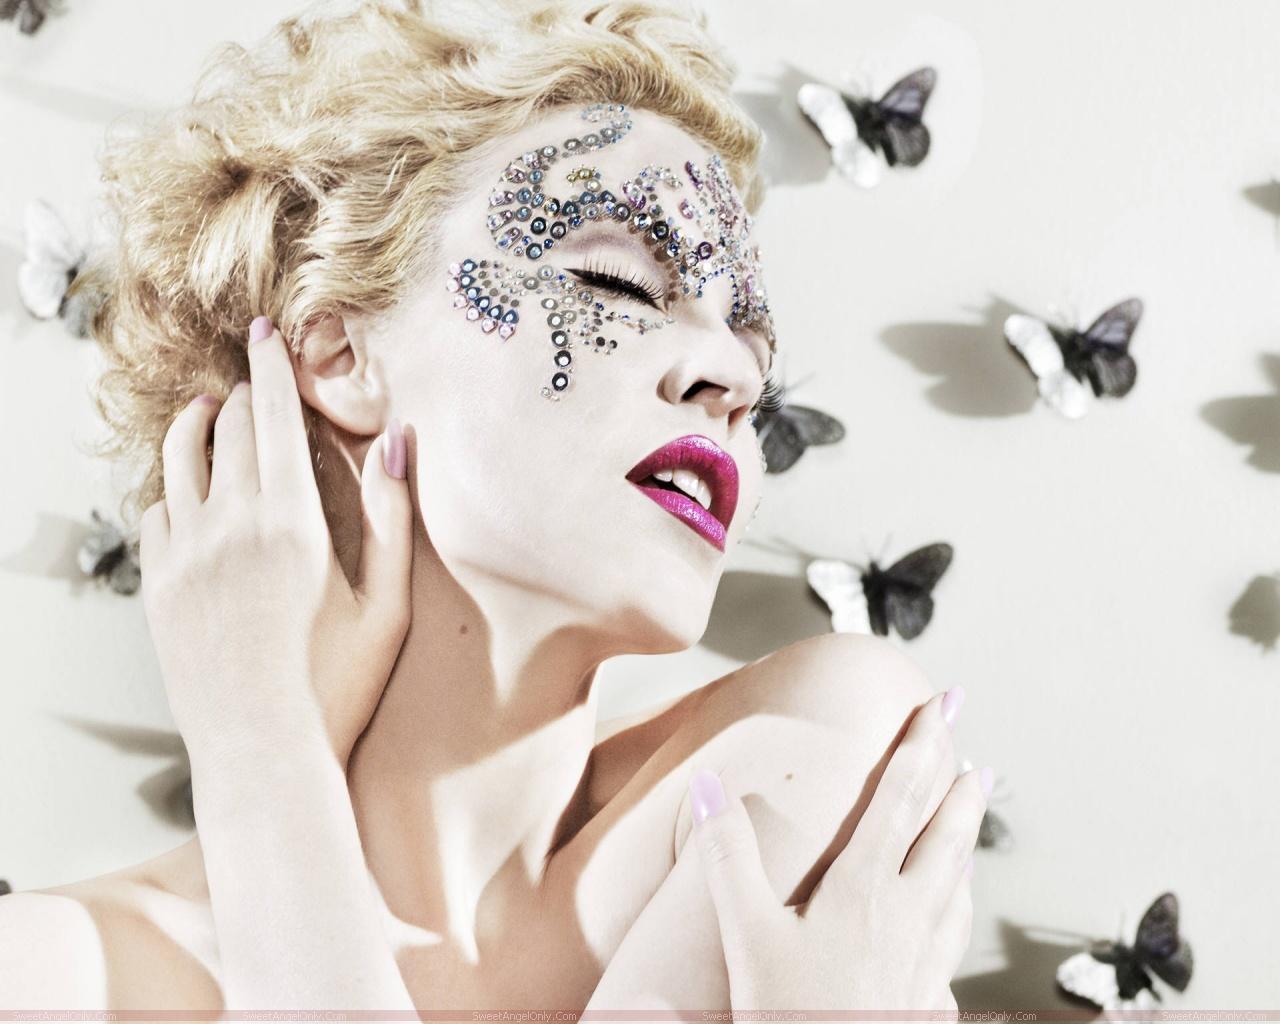 http://2.bp.blogspot.com/-Tkpdj1lKMuE/TX-ACi-GjsI/AAAAAAAAFn0/JcKxaYDGJ-Y/s1600/kylie_minogue_hollywood_hot_actress_wallpaper_sweetangelonly_03.jpg